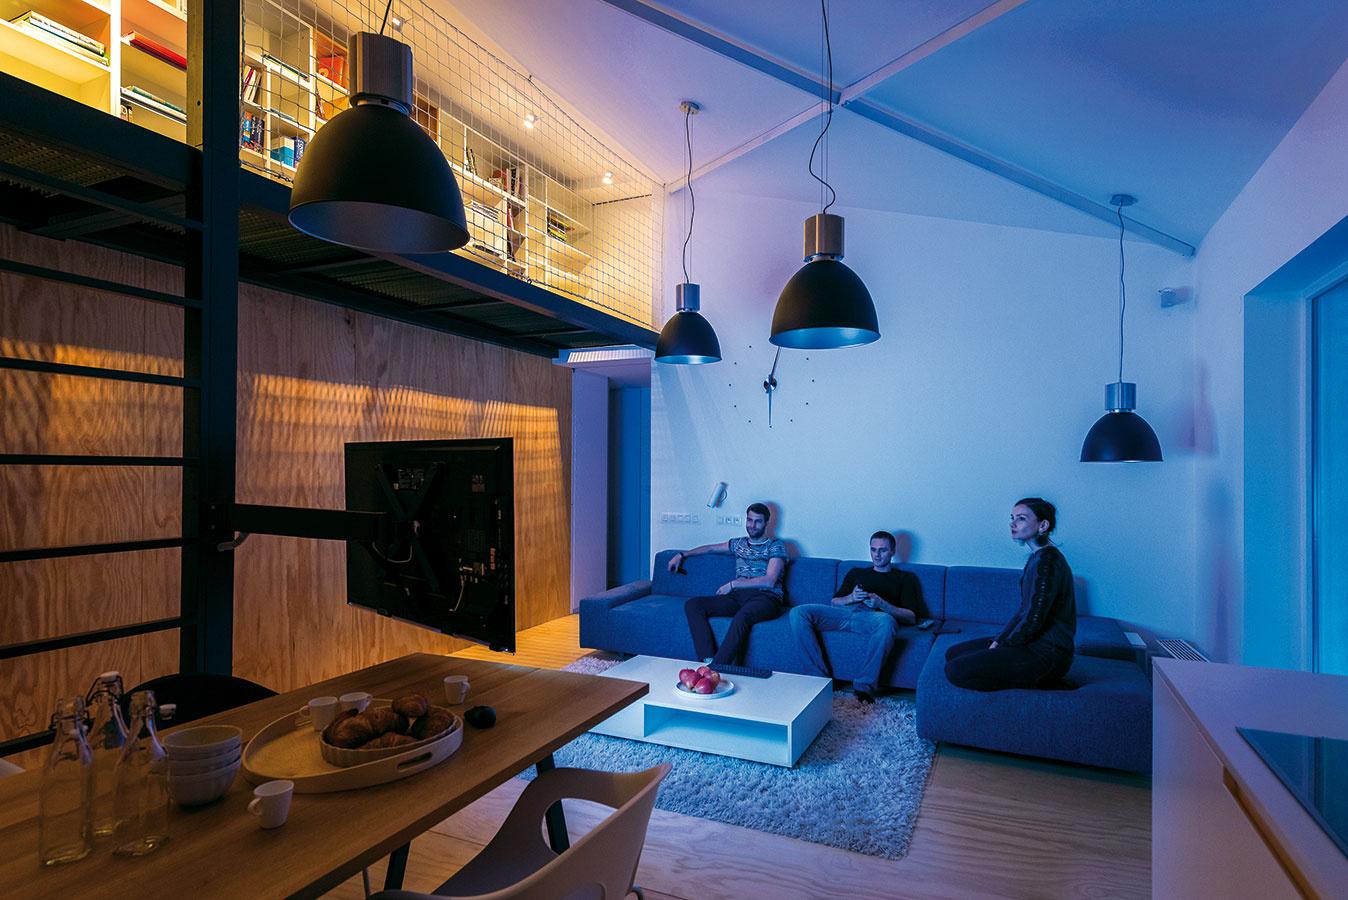 Svetelná nálada cez deň sa radikálne odlišuje od tej nočnej. Architekti umožnili majiteľom využiť galériu na podporenie náladového tlmeného osvetlenia. Svetlo prenikajúce cez rošt zároveň premieta na drevenú stenu zaujímavú tieňohru kovového rastru.